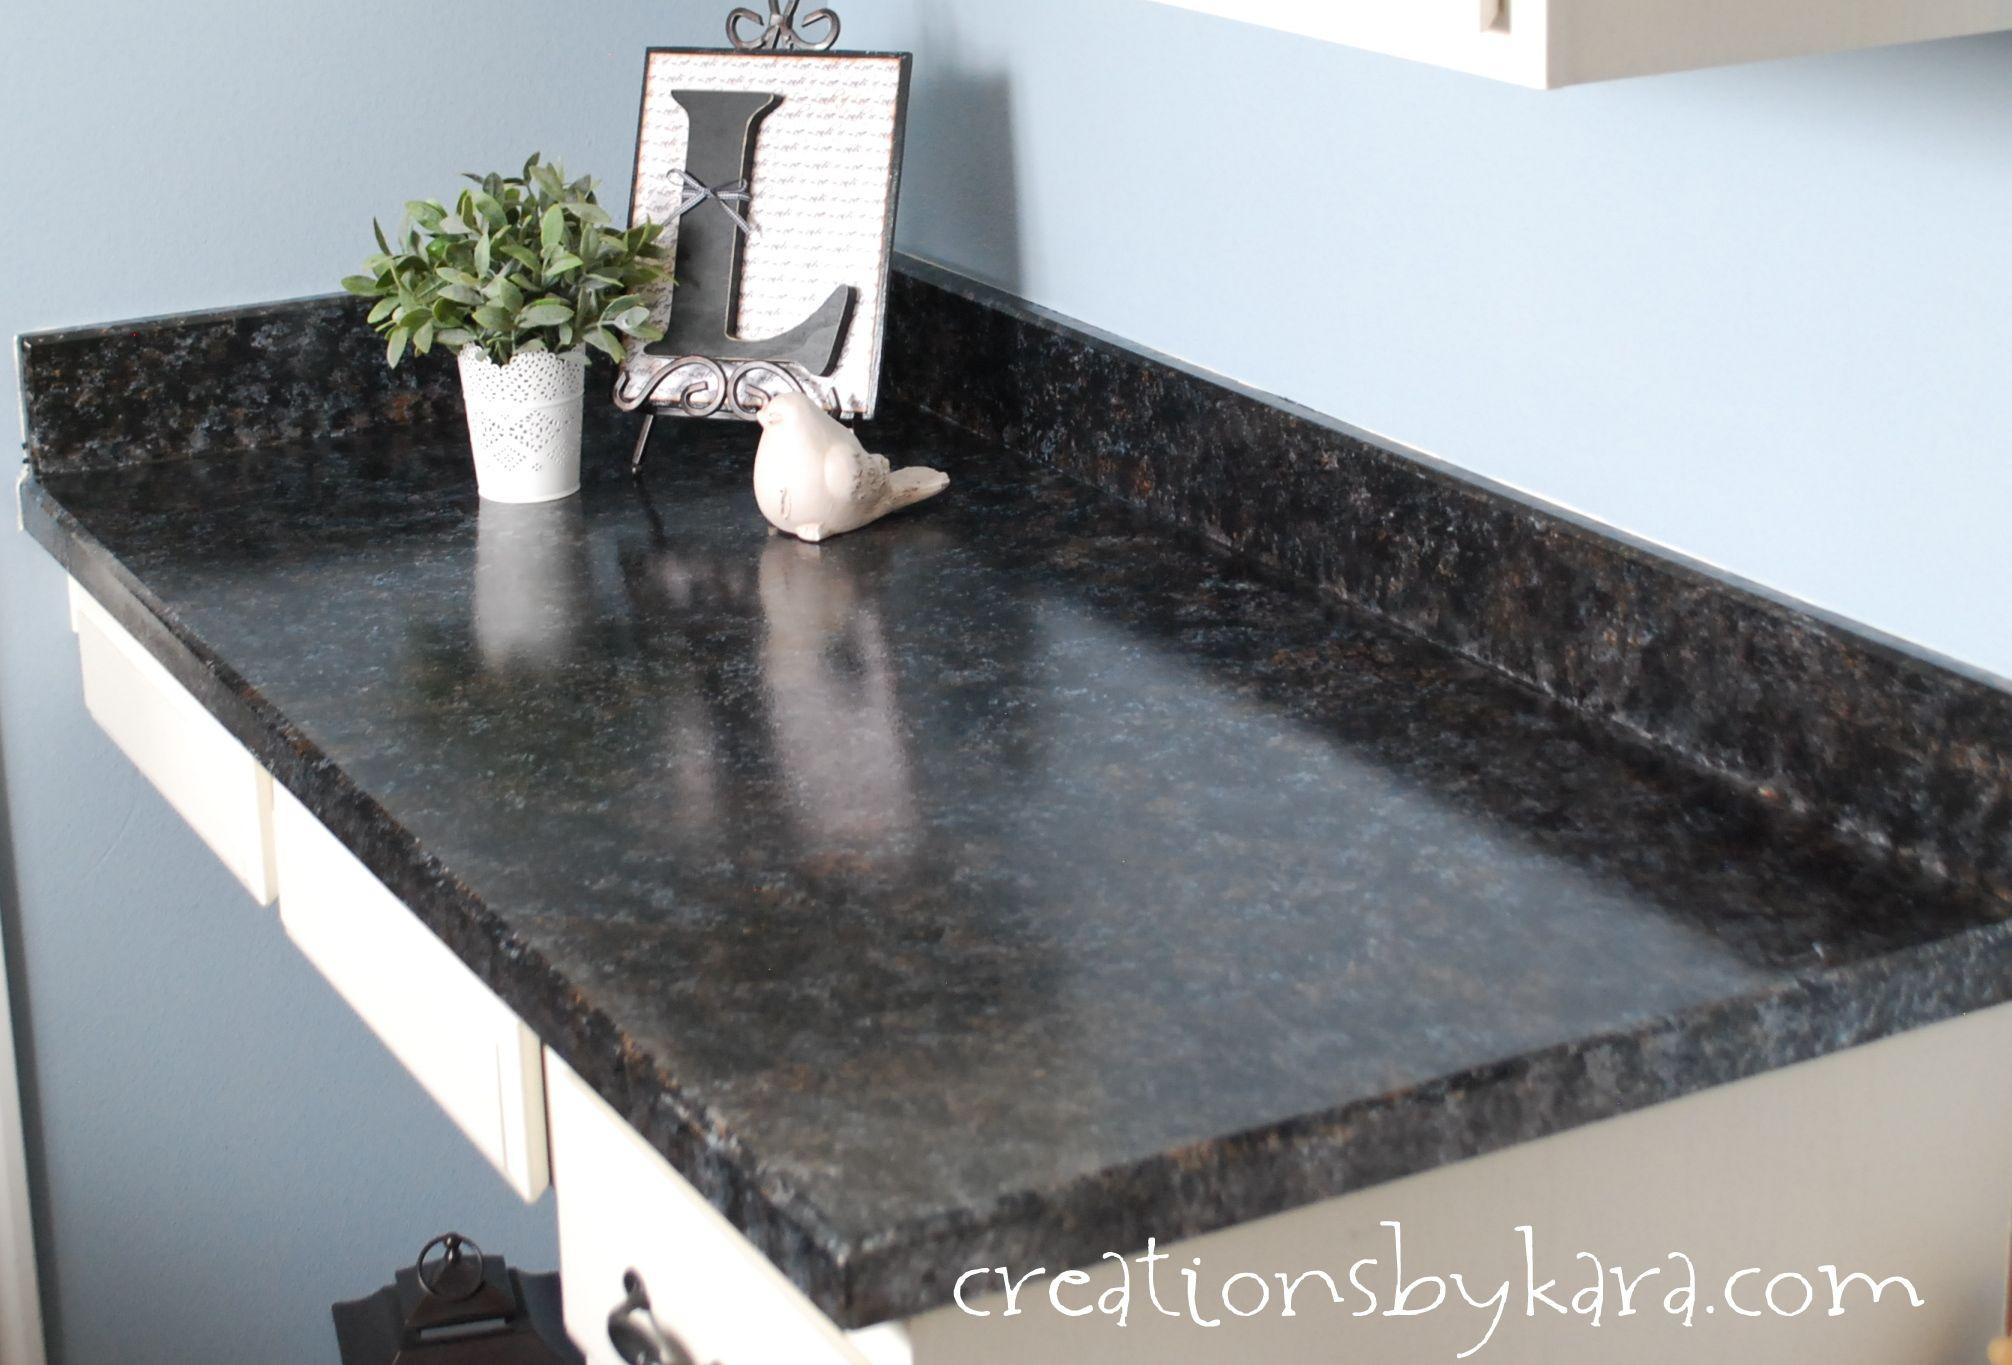 Diy faux granite countertops buy complete kit at www